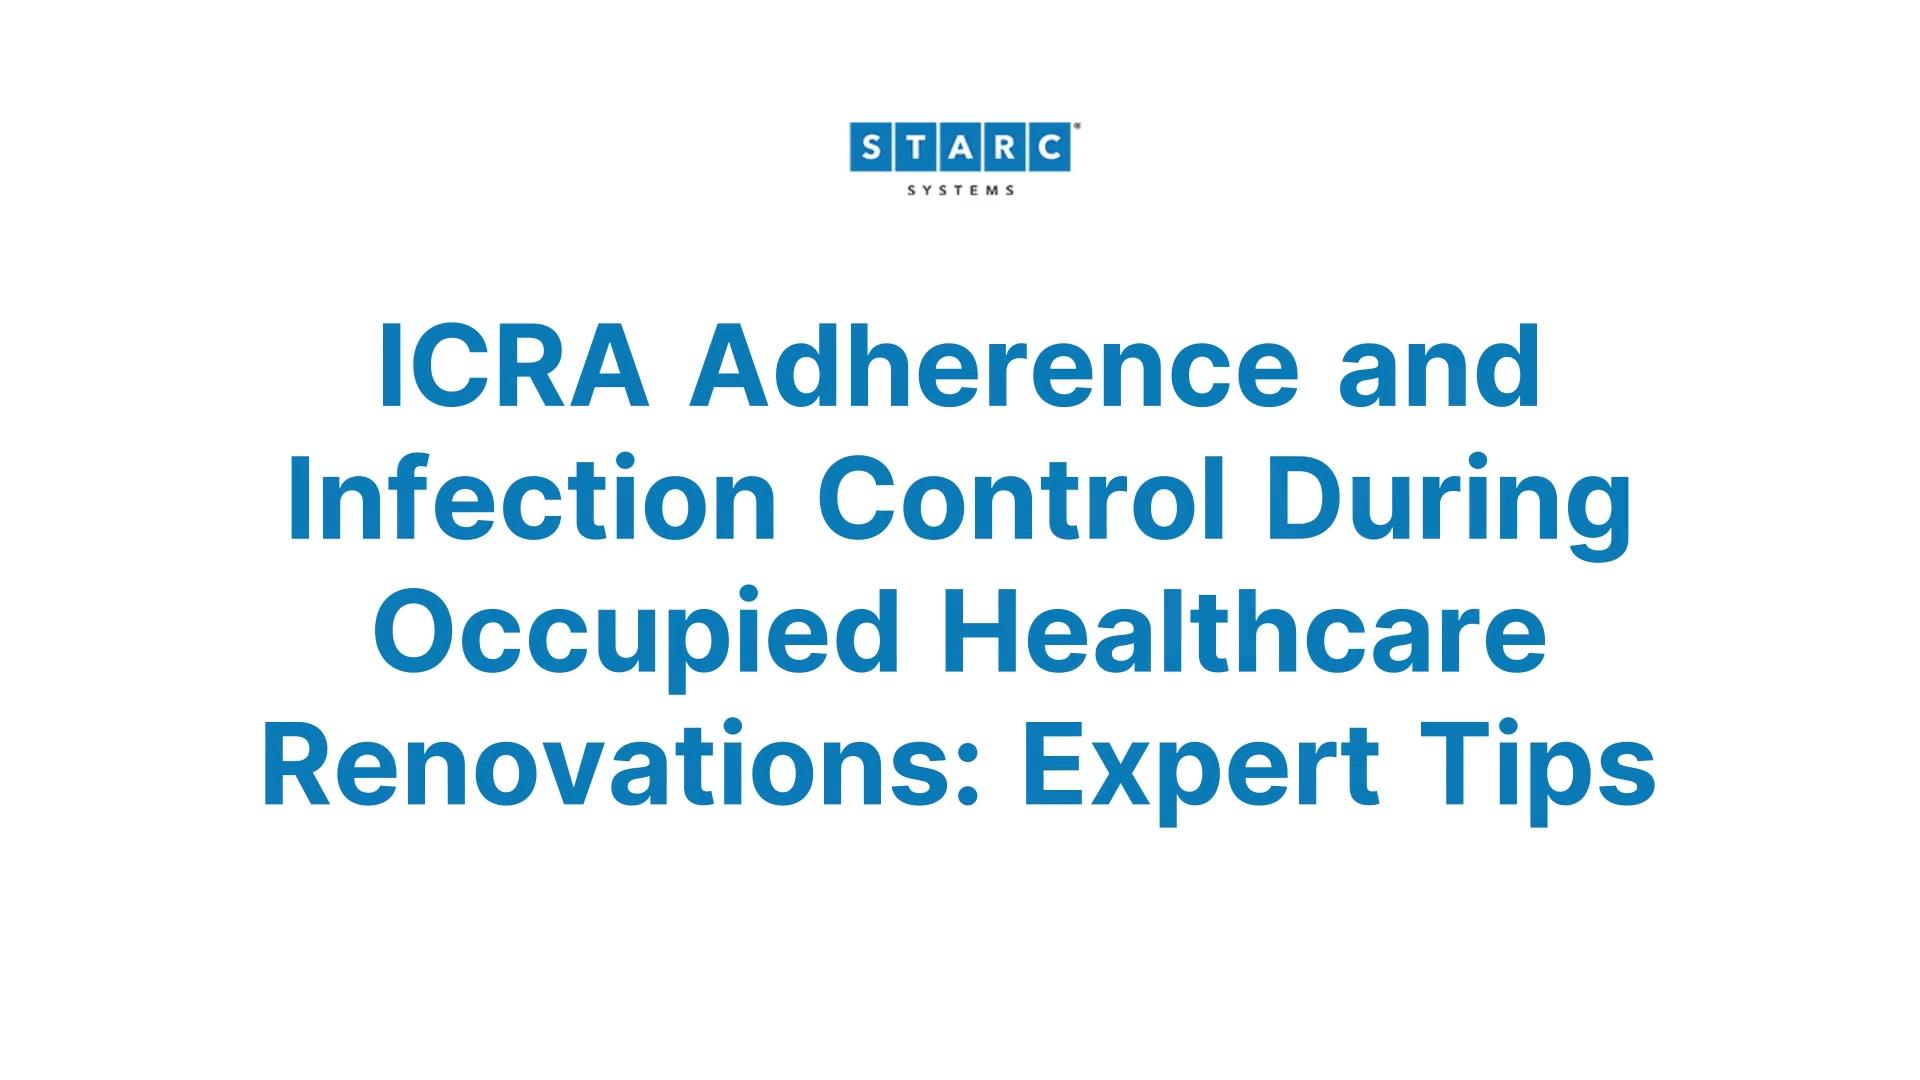 ICRA Adherence Highlights